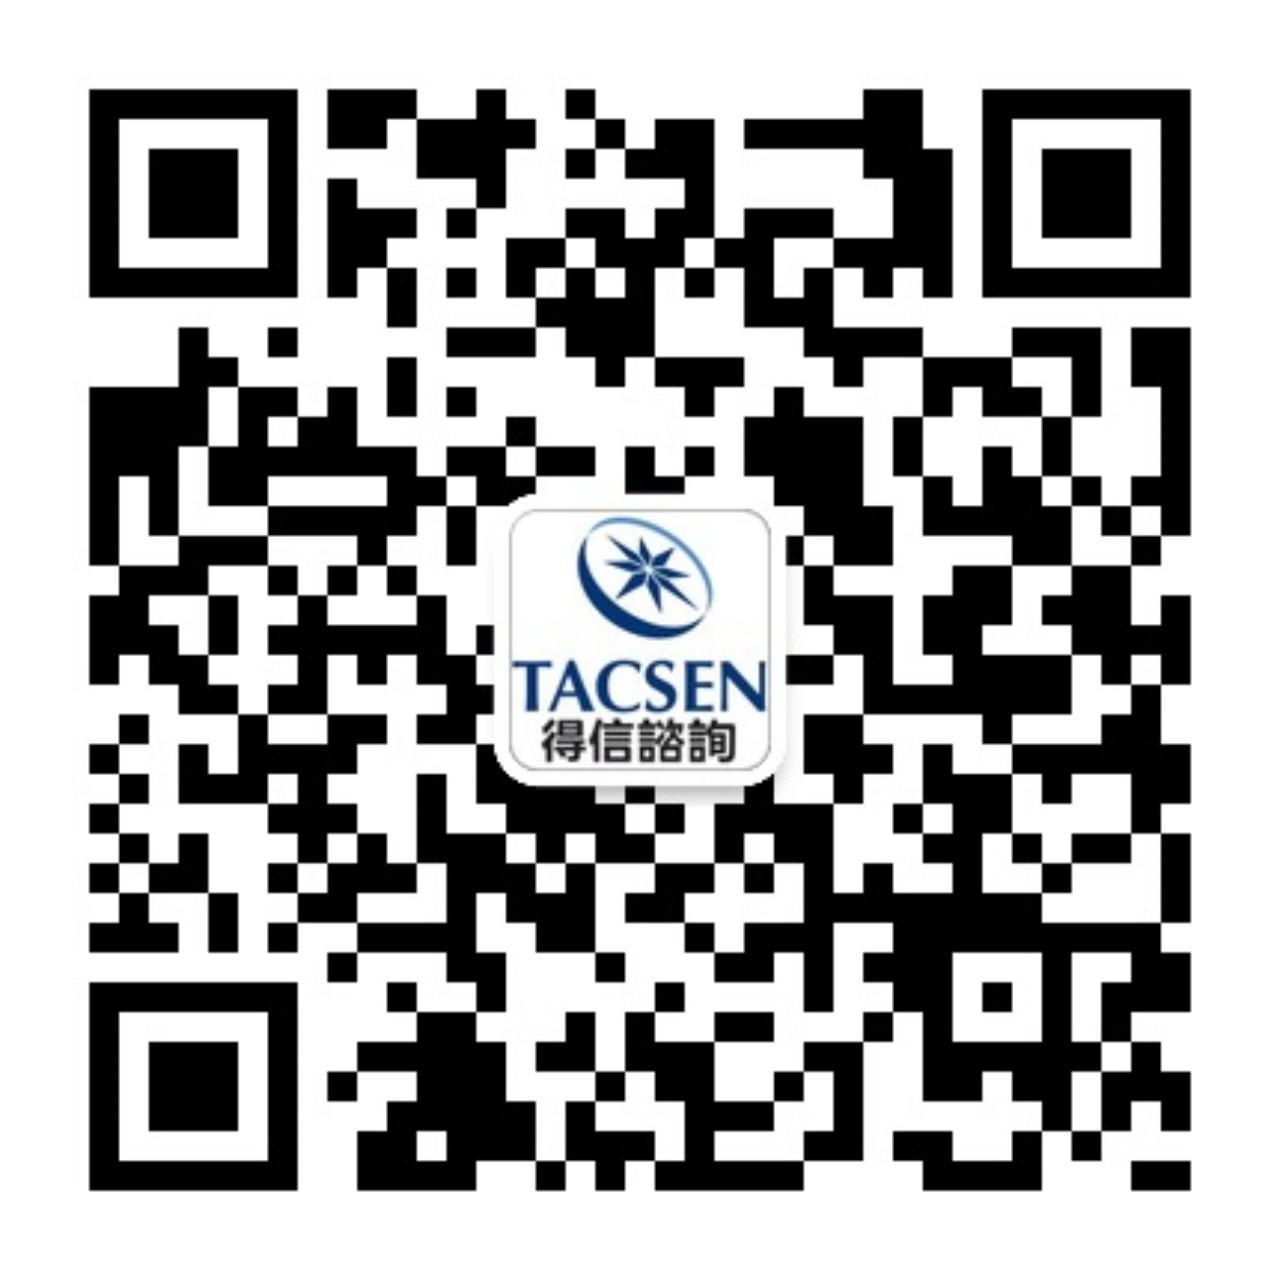 4fc948fa-6d6a-4041-a5ca-e30e5cda1921